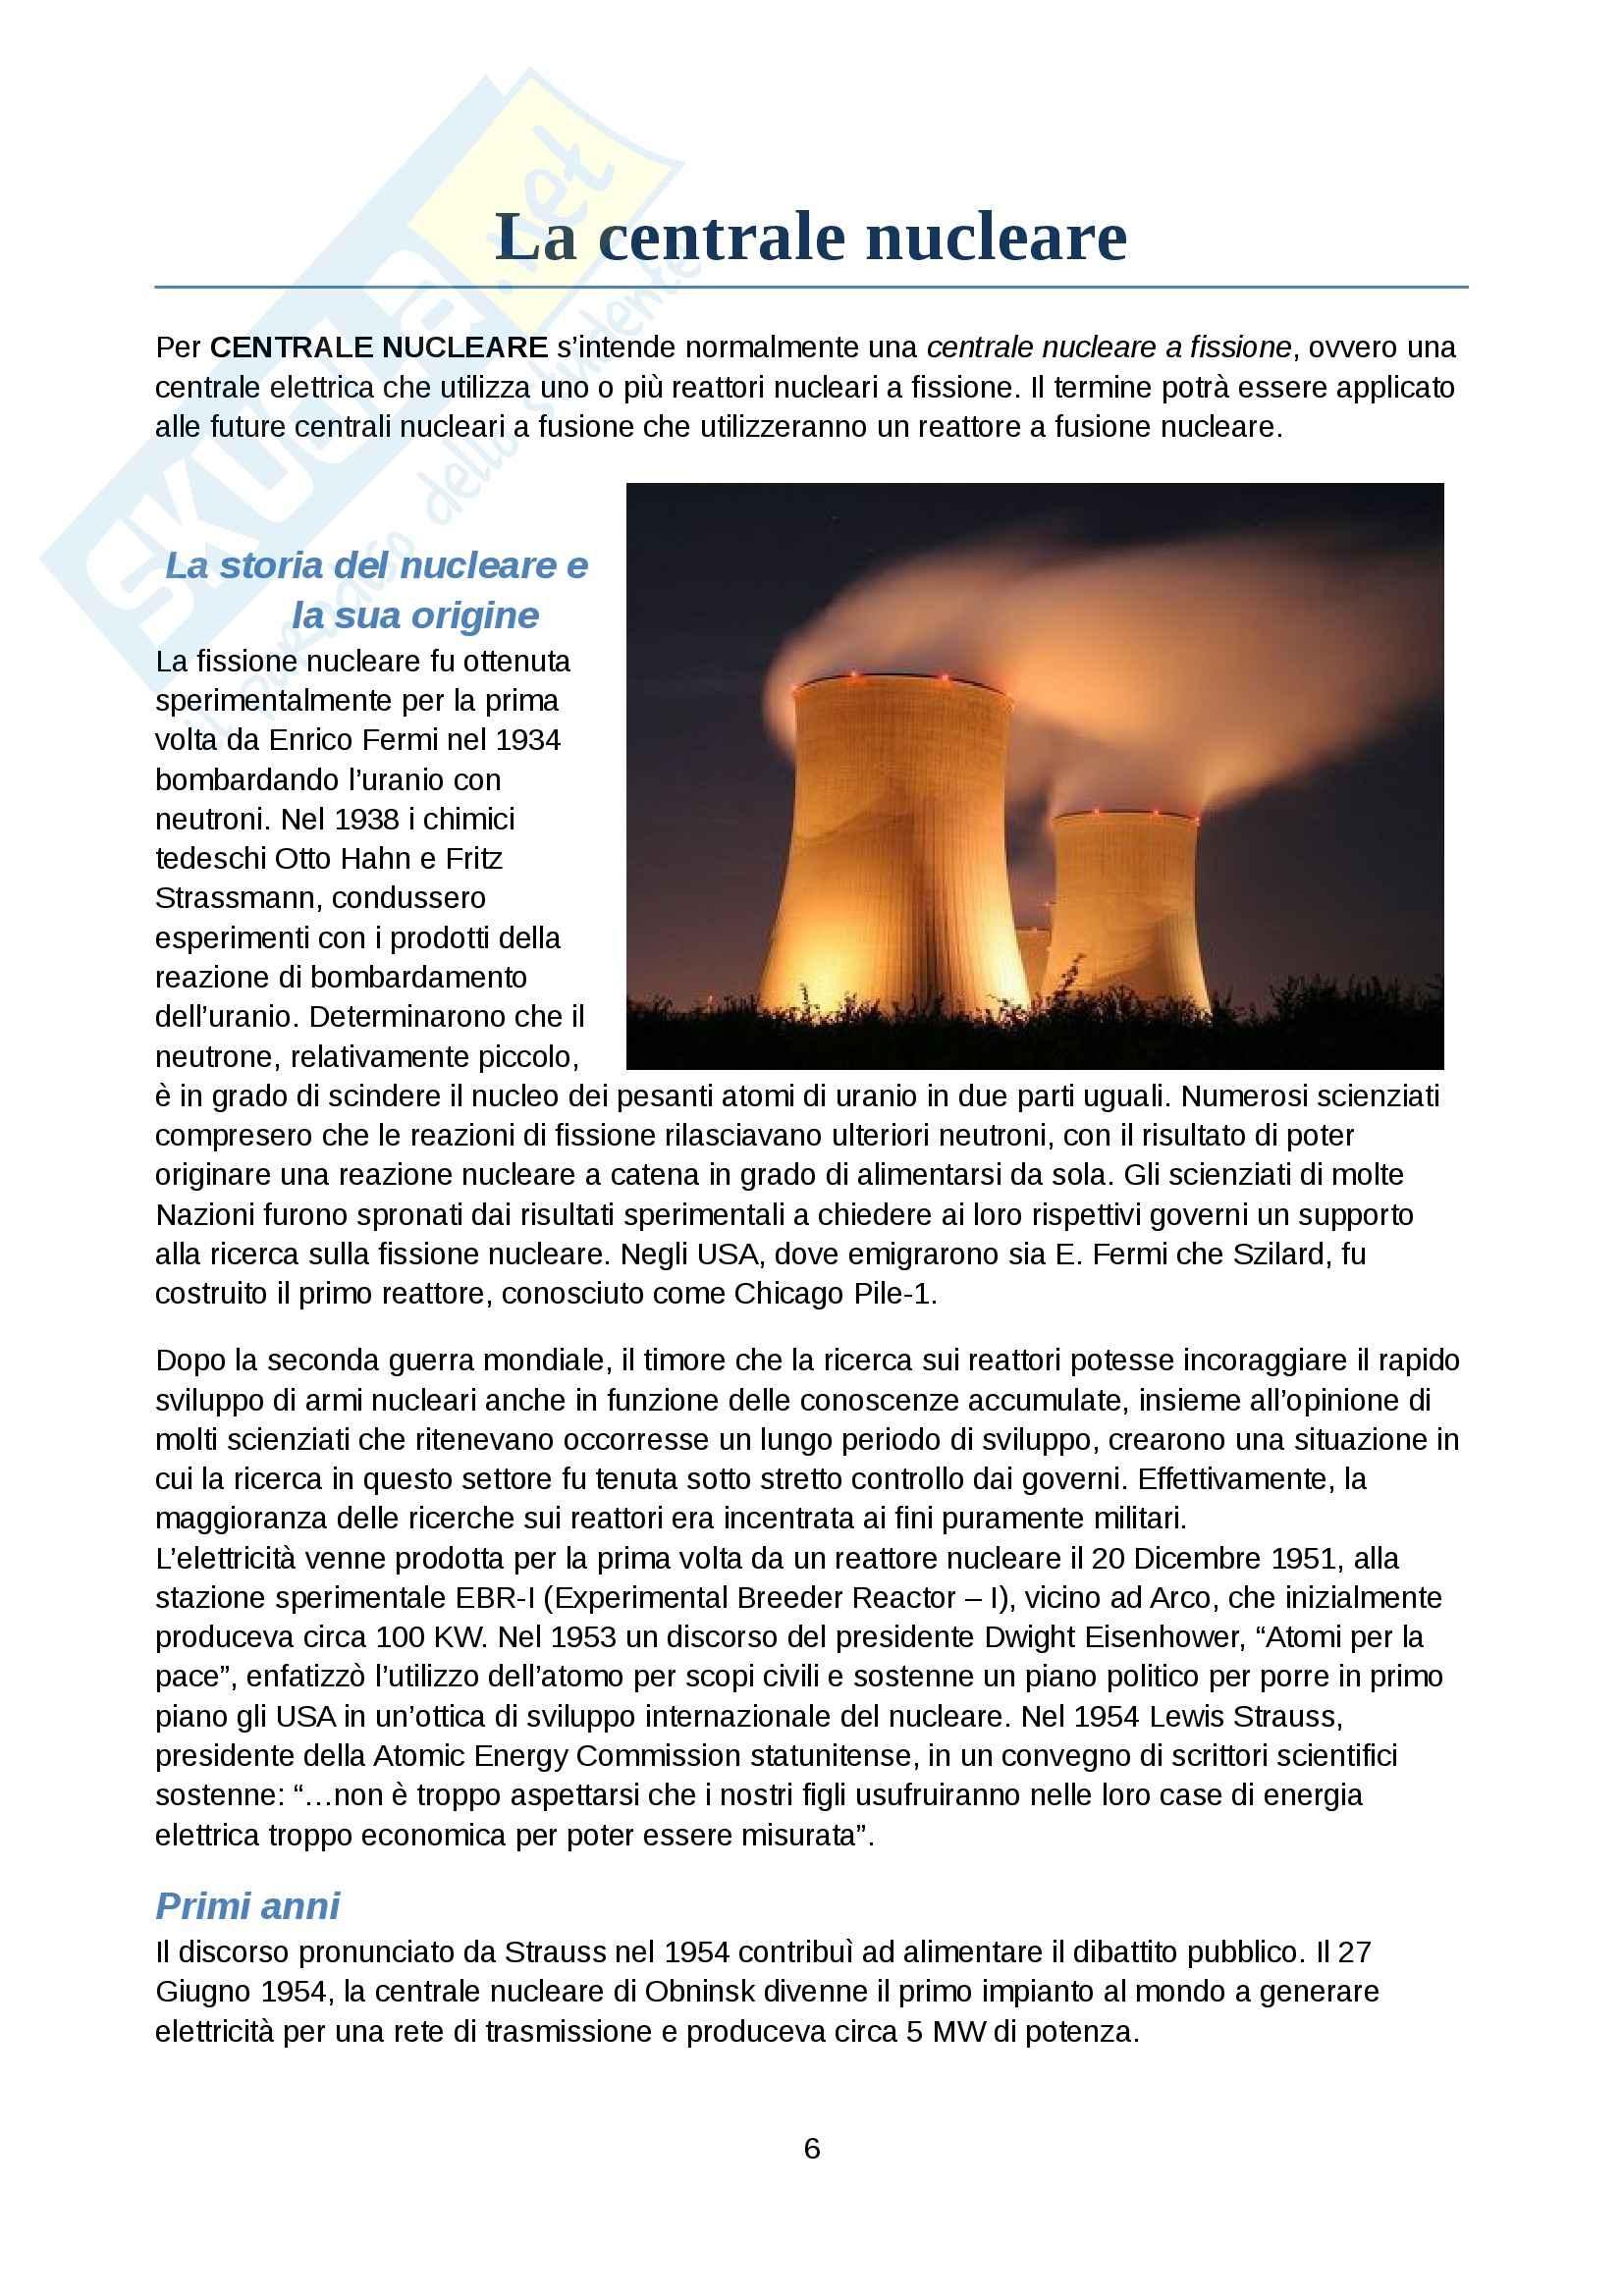 Tecnologia dei cicli produttivi - energia nucleare Pag. 6